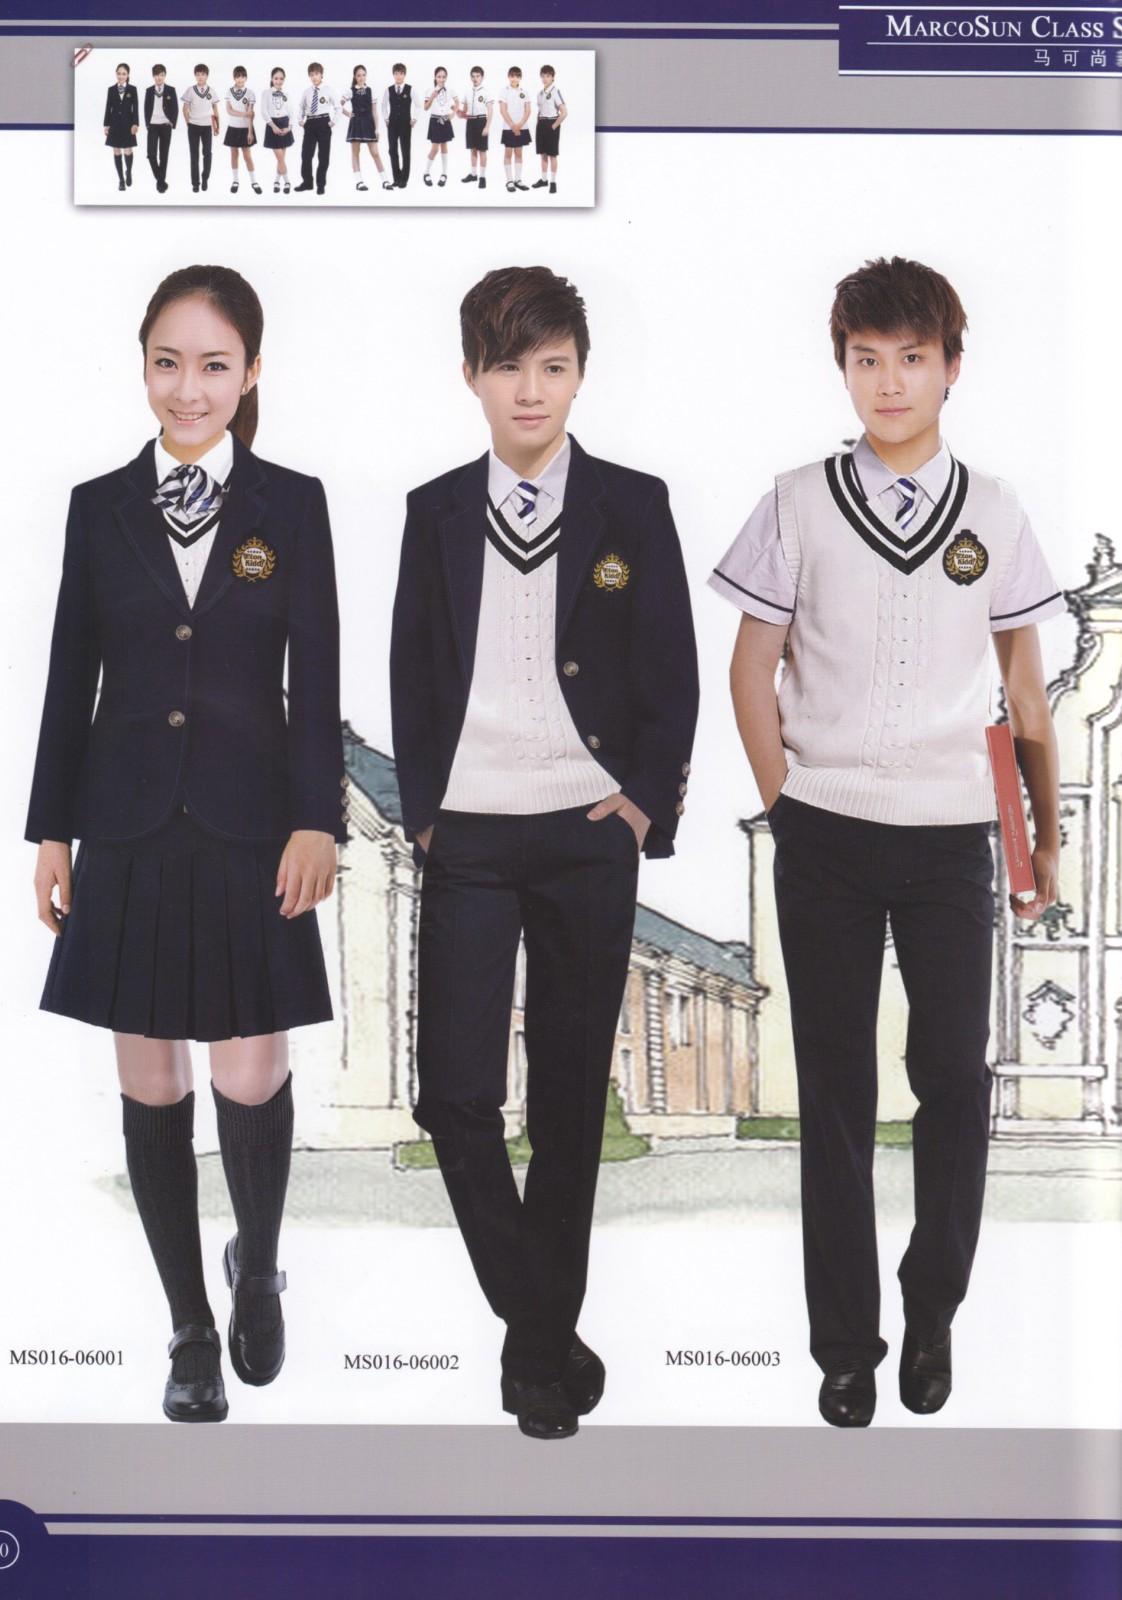 中学生秋季校服设计图展示图片